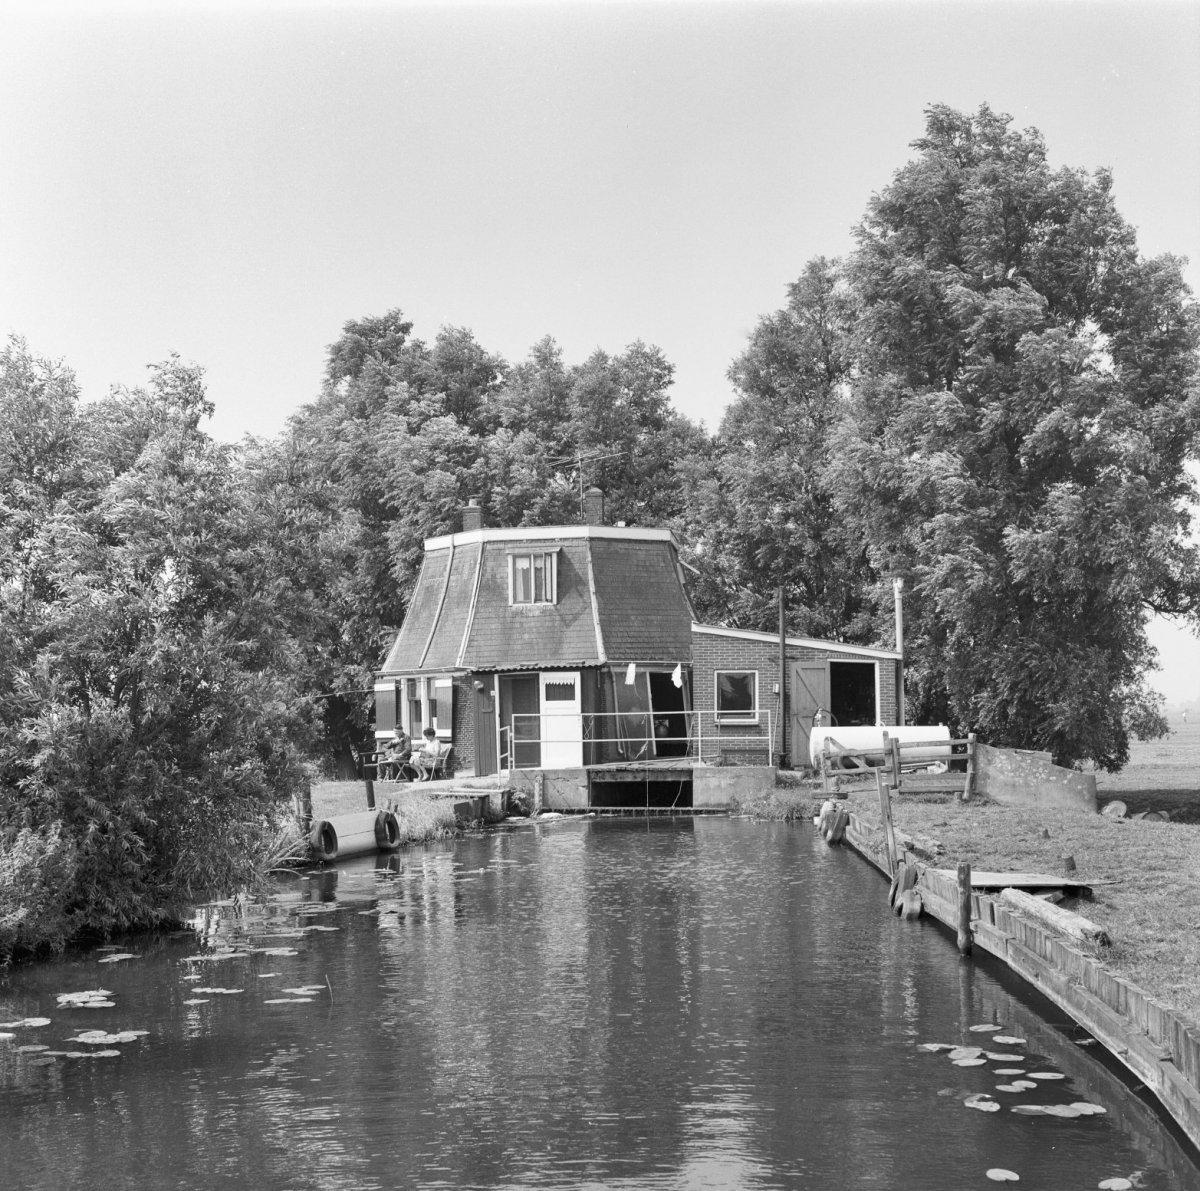 File:Exterieur polder Gnephoek - Alphen aan den Rijn - 20007721 - RCE.jpg